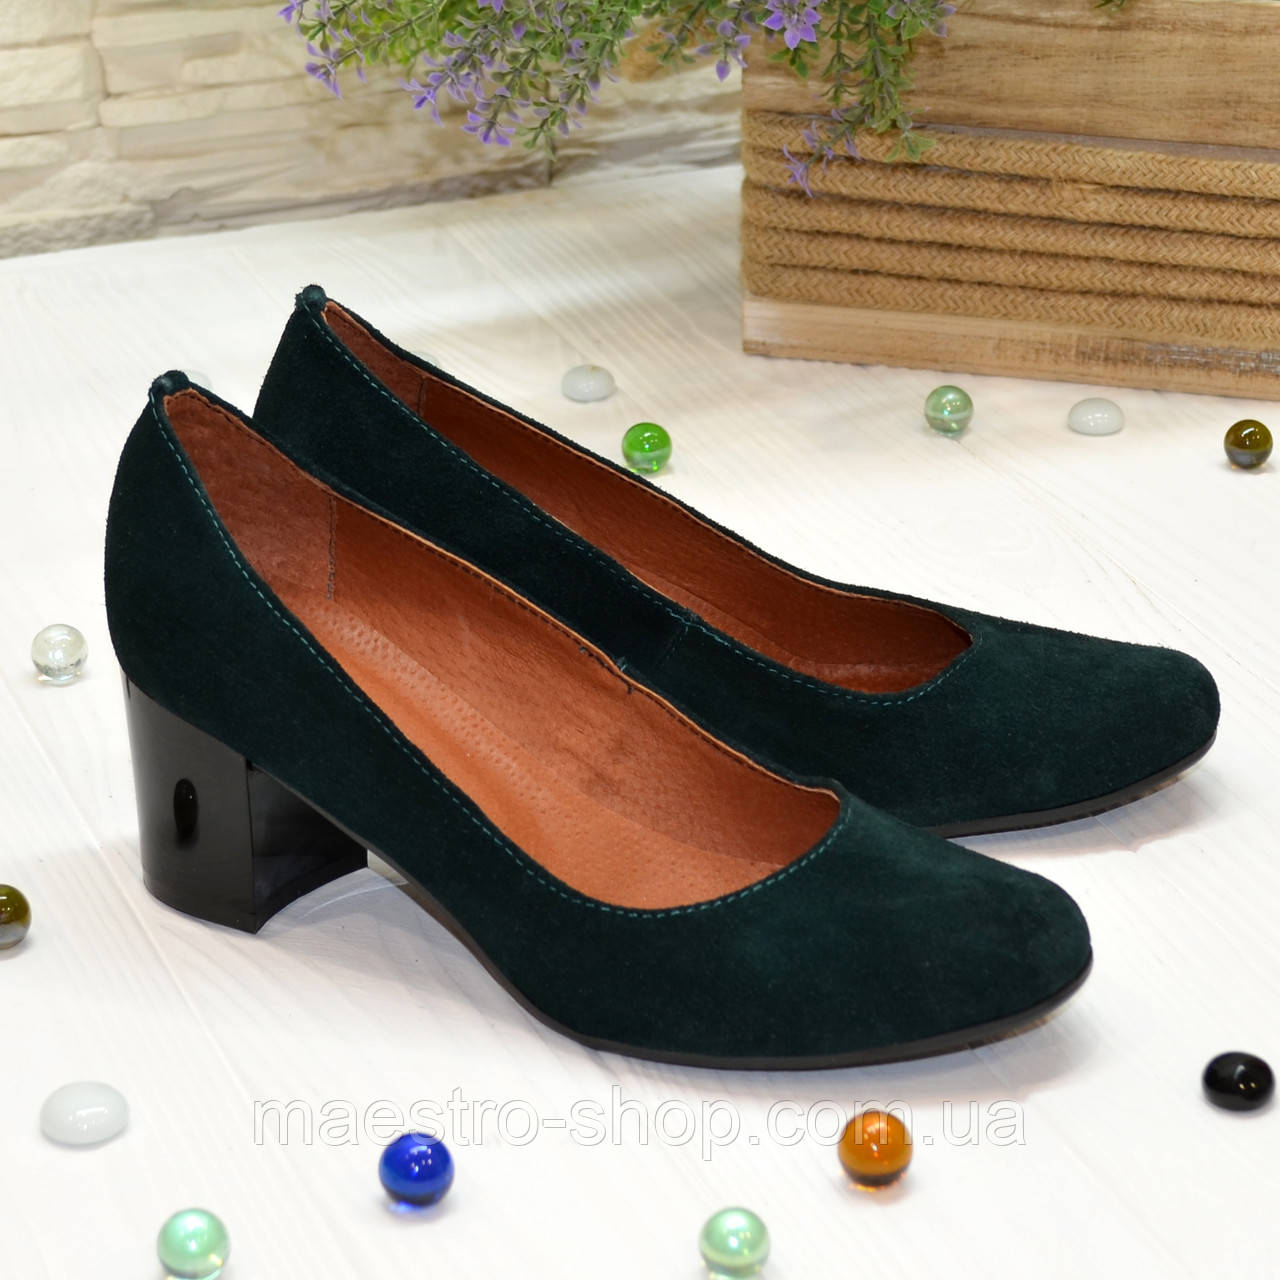 Замшевые туфли на устойчивом каблуке из натуральной замши зелёного цвета